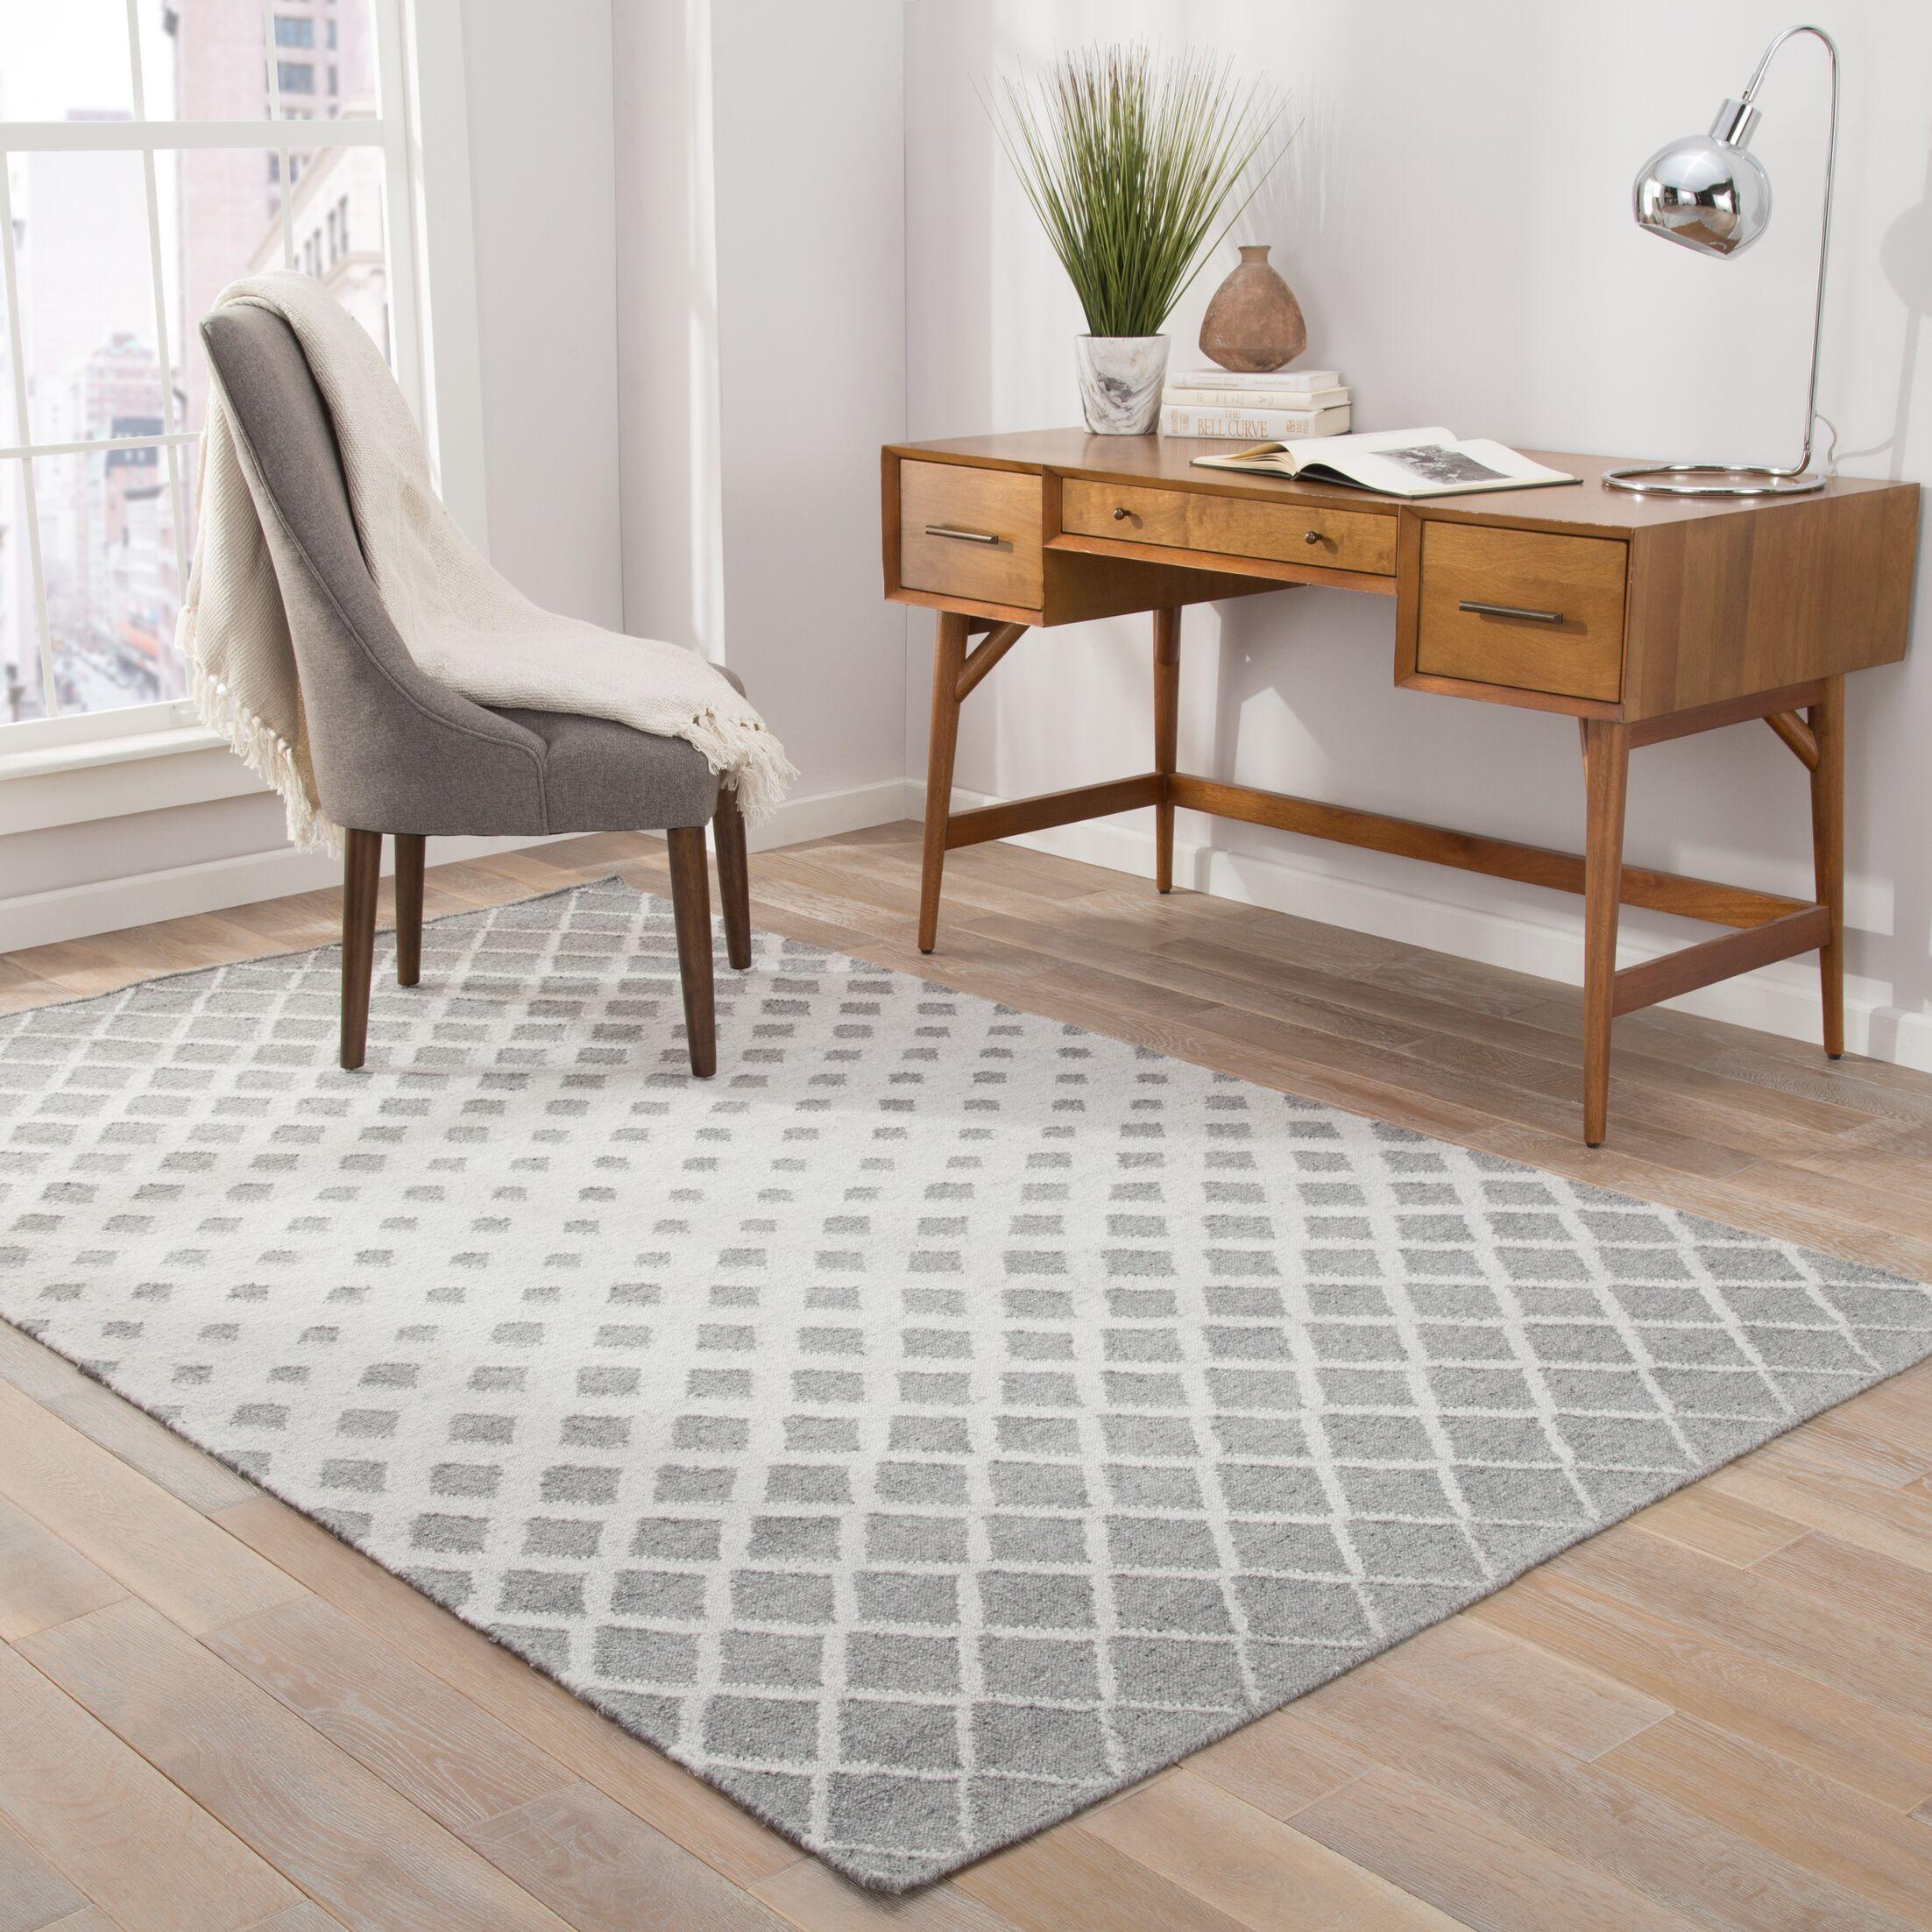 Heinz Gray Indoor/Outdoor Area Rug Rug Size: Rectangle 8' x 10'